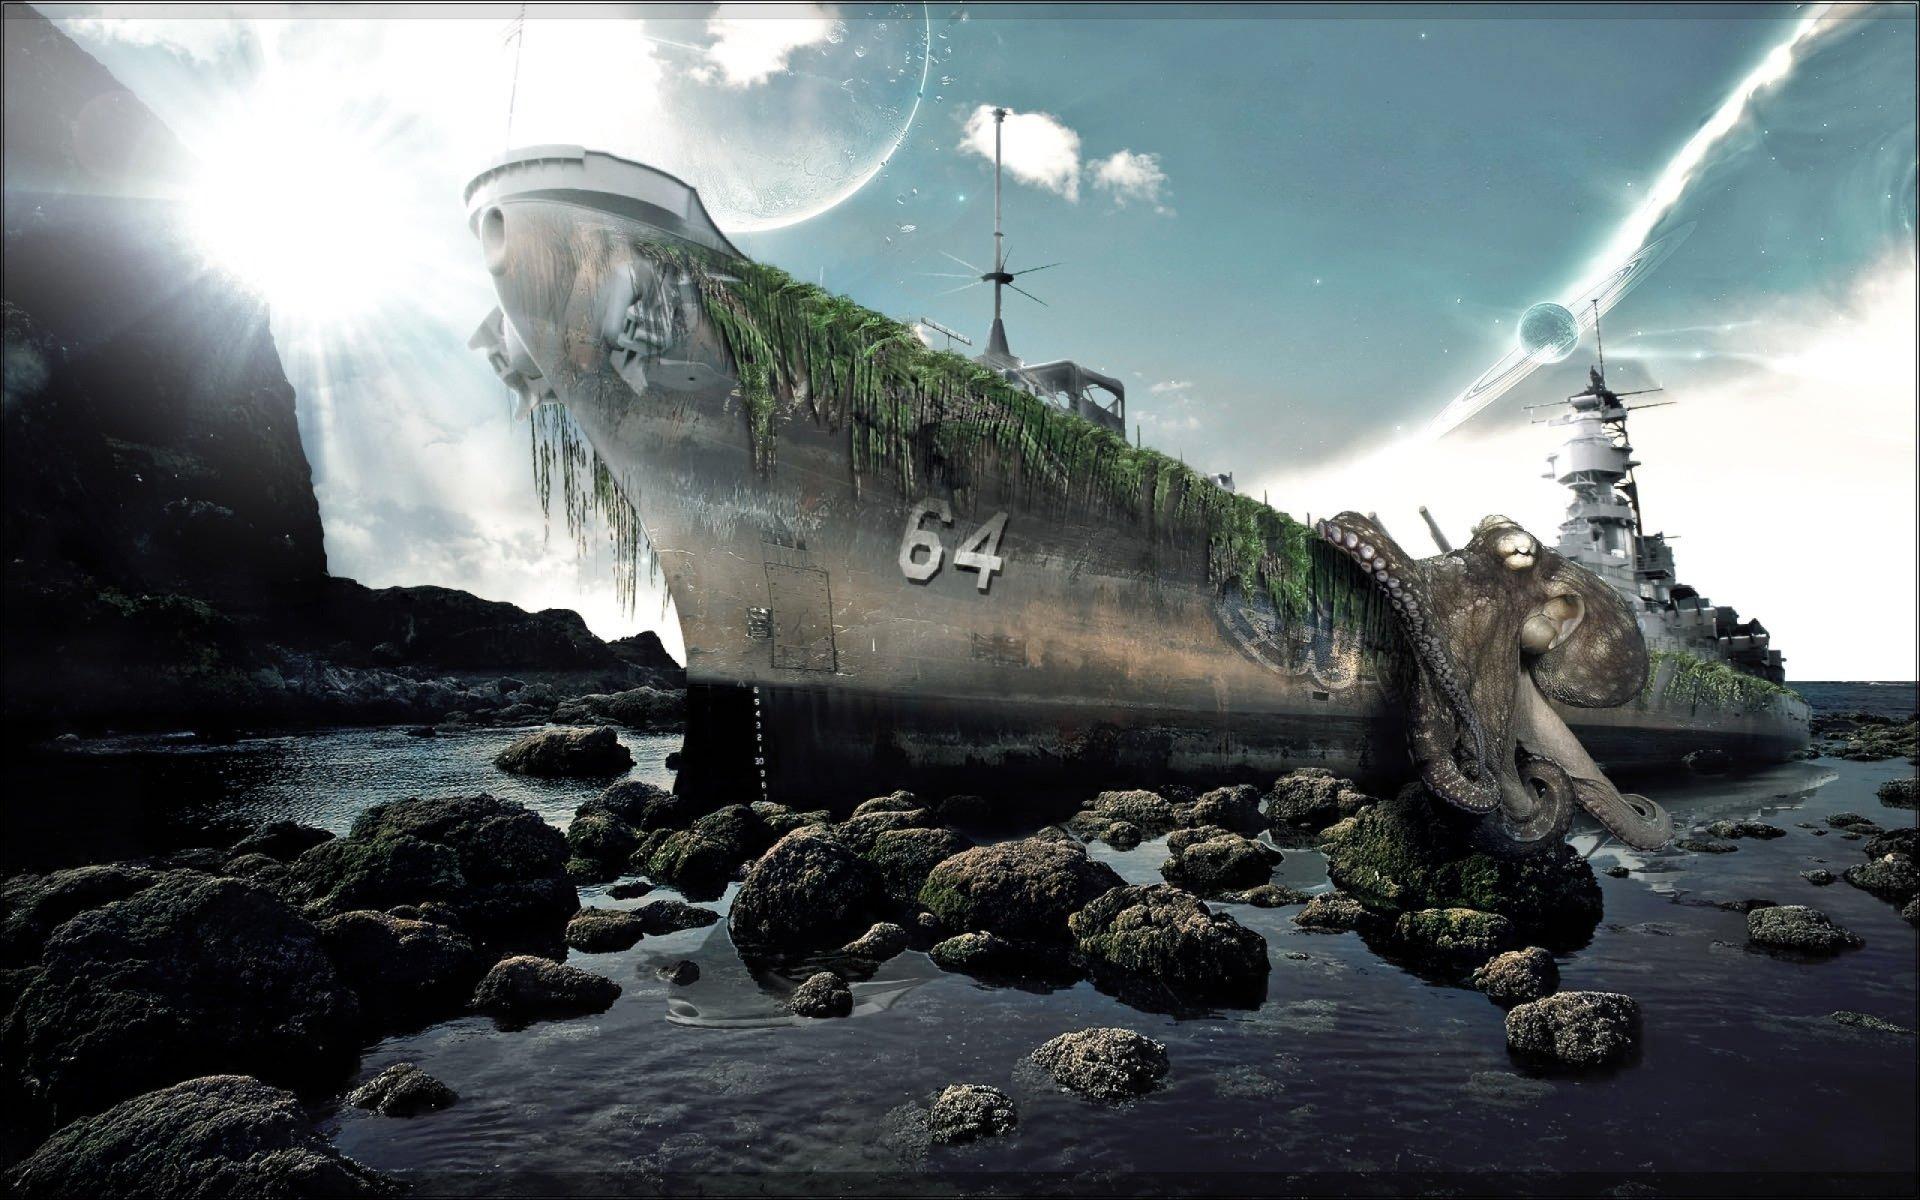 Фэнтези - Корабль  Обои